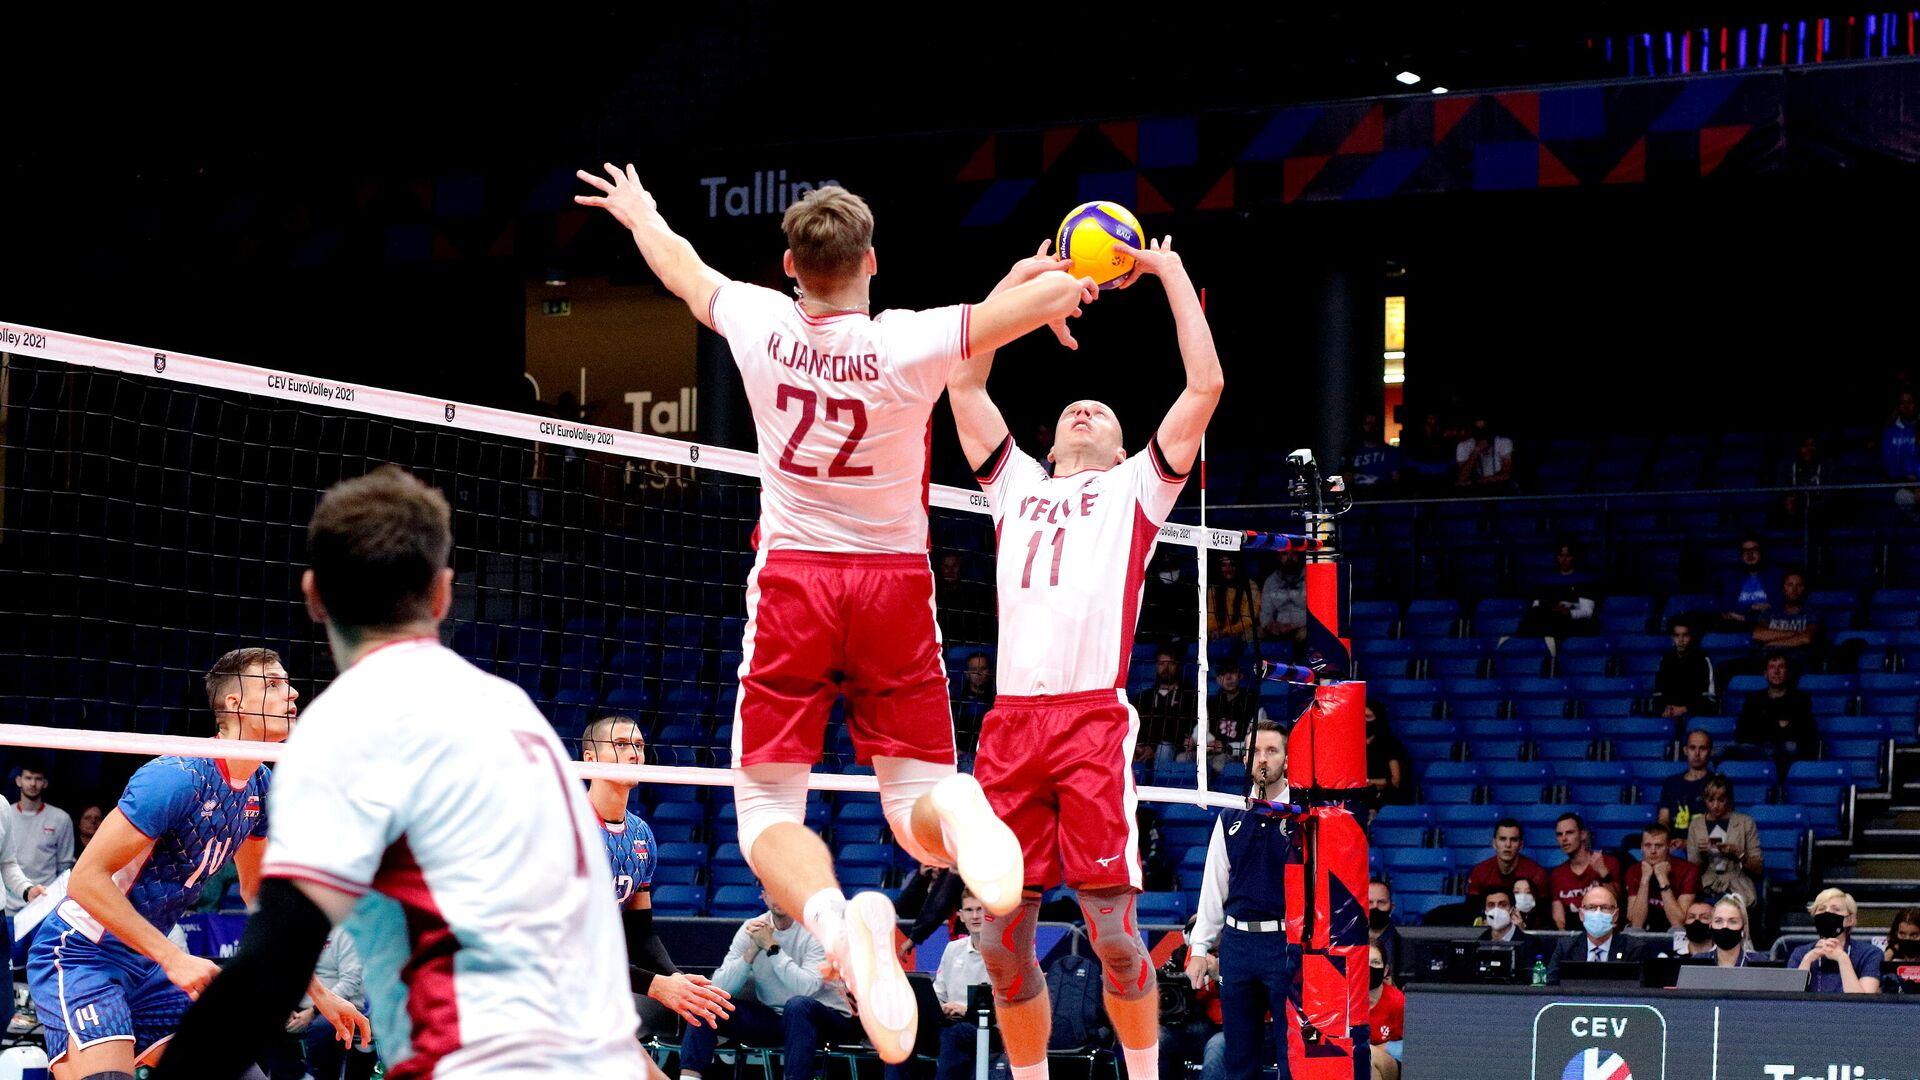 Латвийские волейболисты уступили соперникам из Словакии в матче чемпионата Европы - Sputnik Латвия, 1920, 07.09.2021